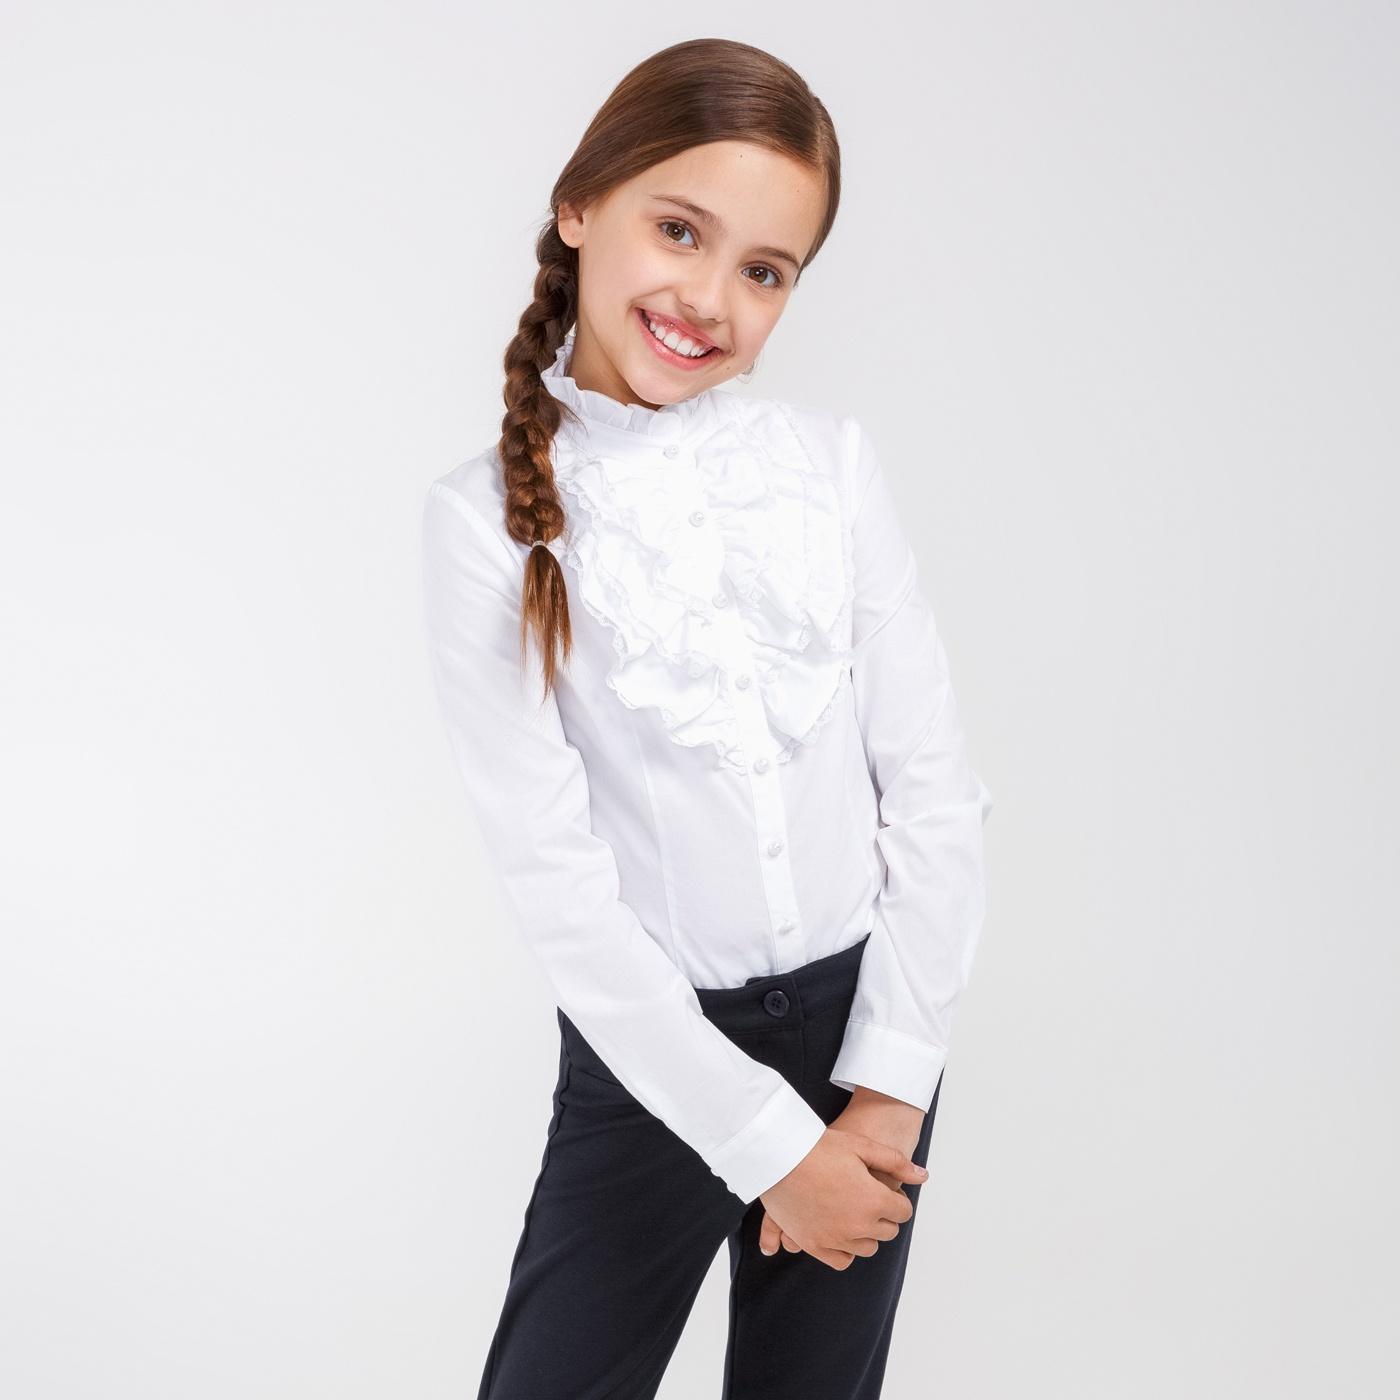 Детские Белые Блузки Для Девочек В Санкт Петербурге